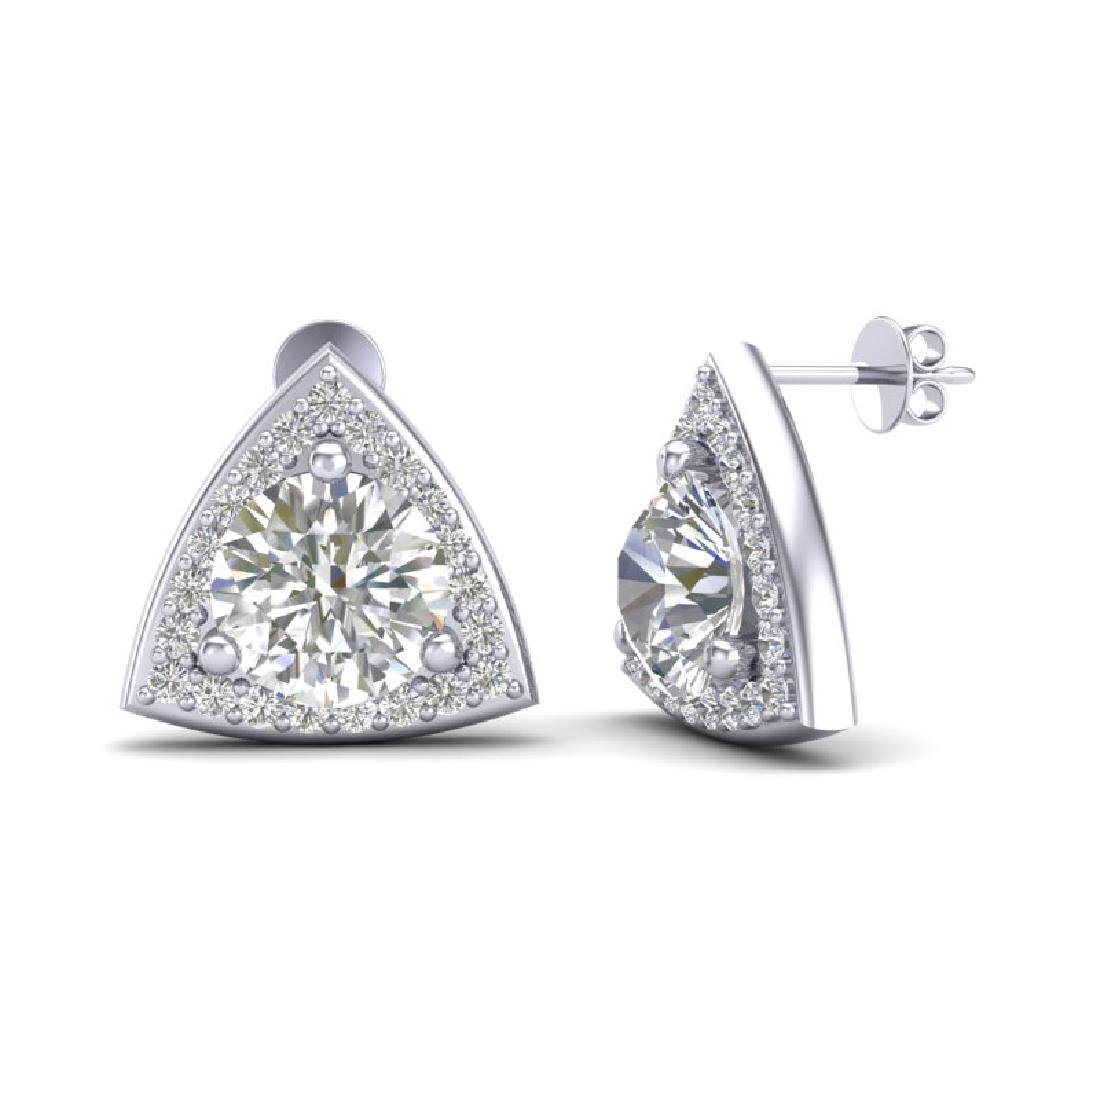 3 CTW VS/SI Diamond Stud Earrings 18K White Gold - 2